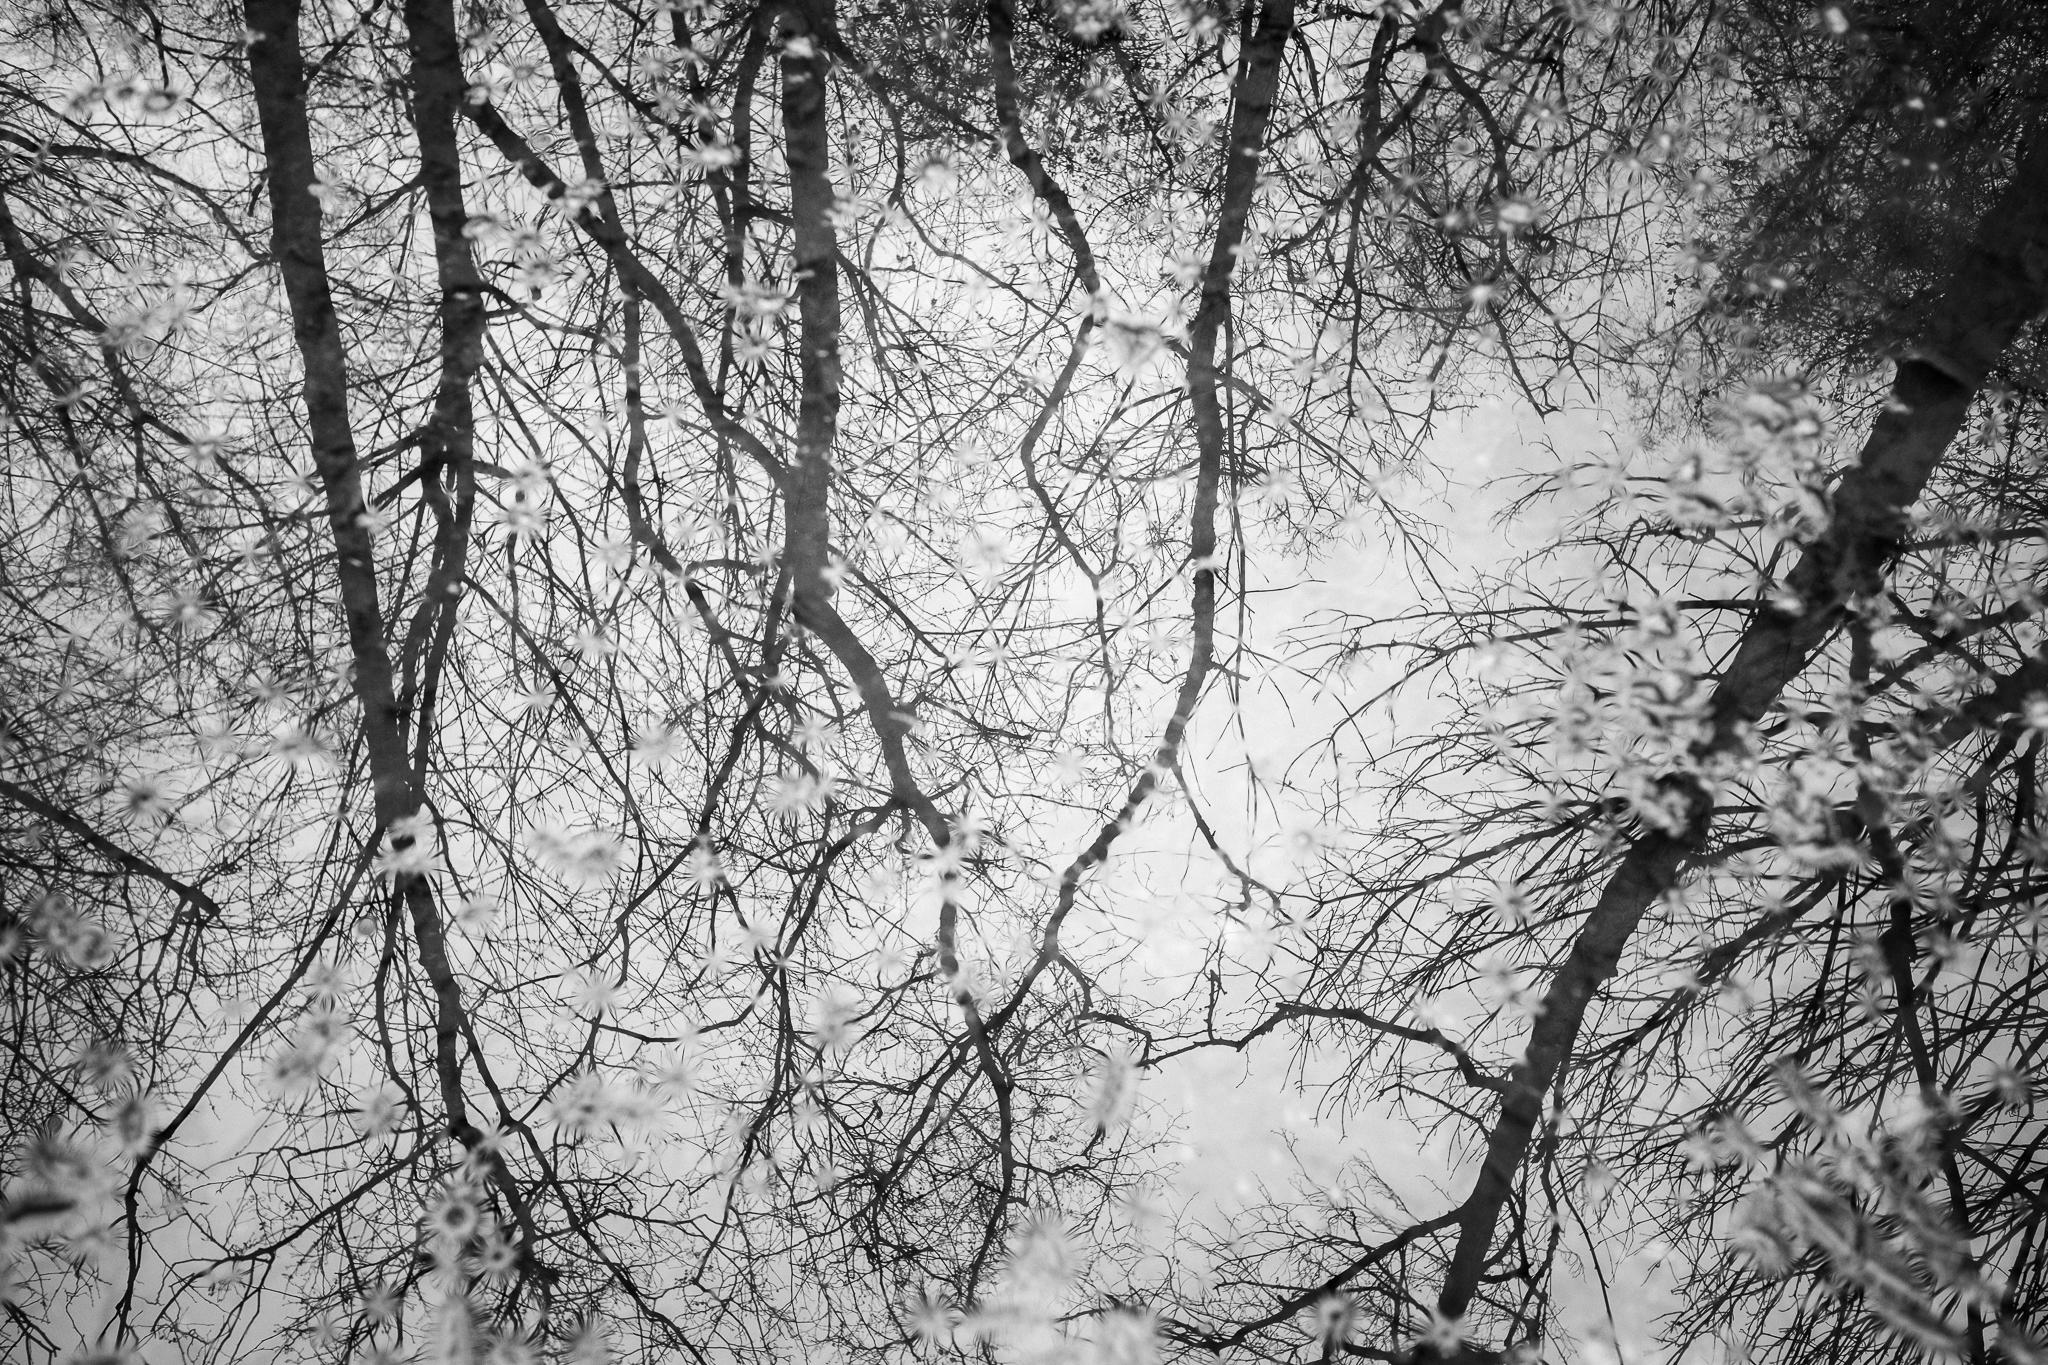 © JENNY HARPER